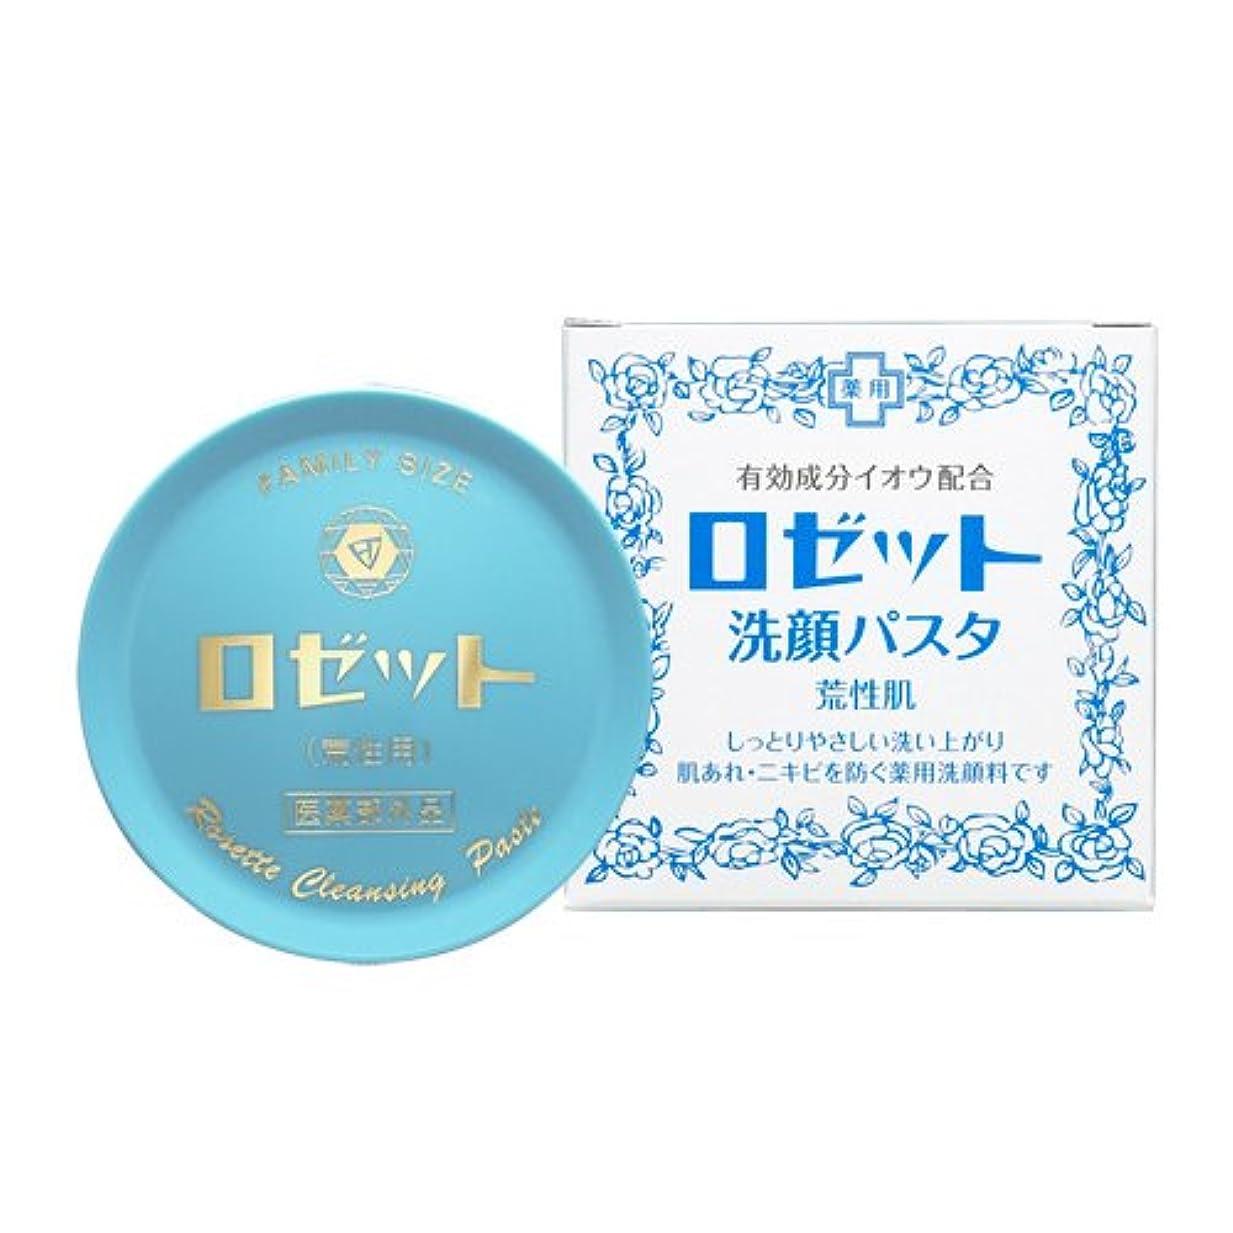 ロゼット洗顔パスタ 荒性肌 90g (医薬部外品)